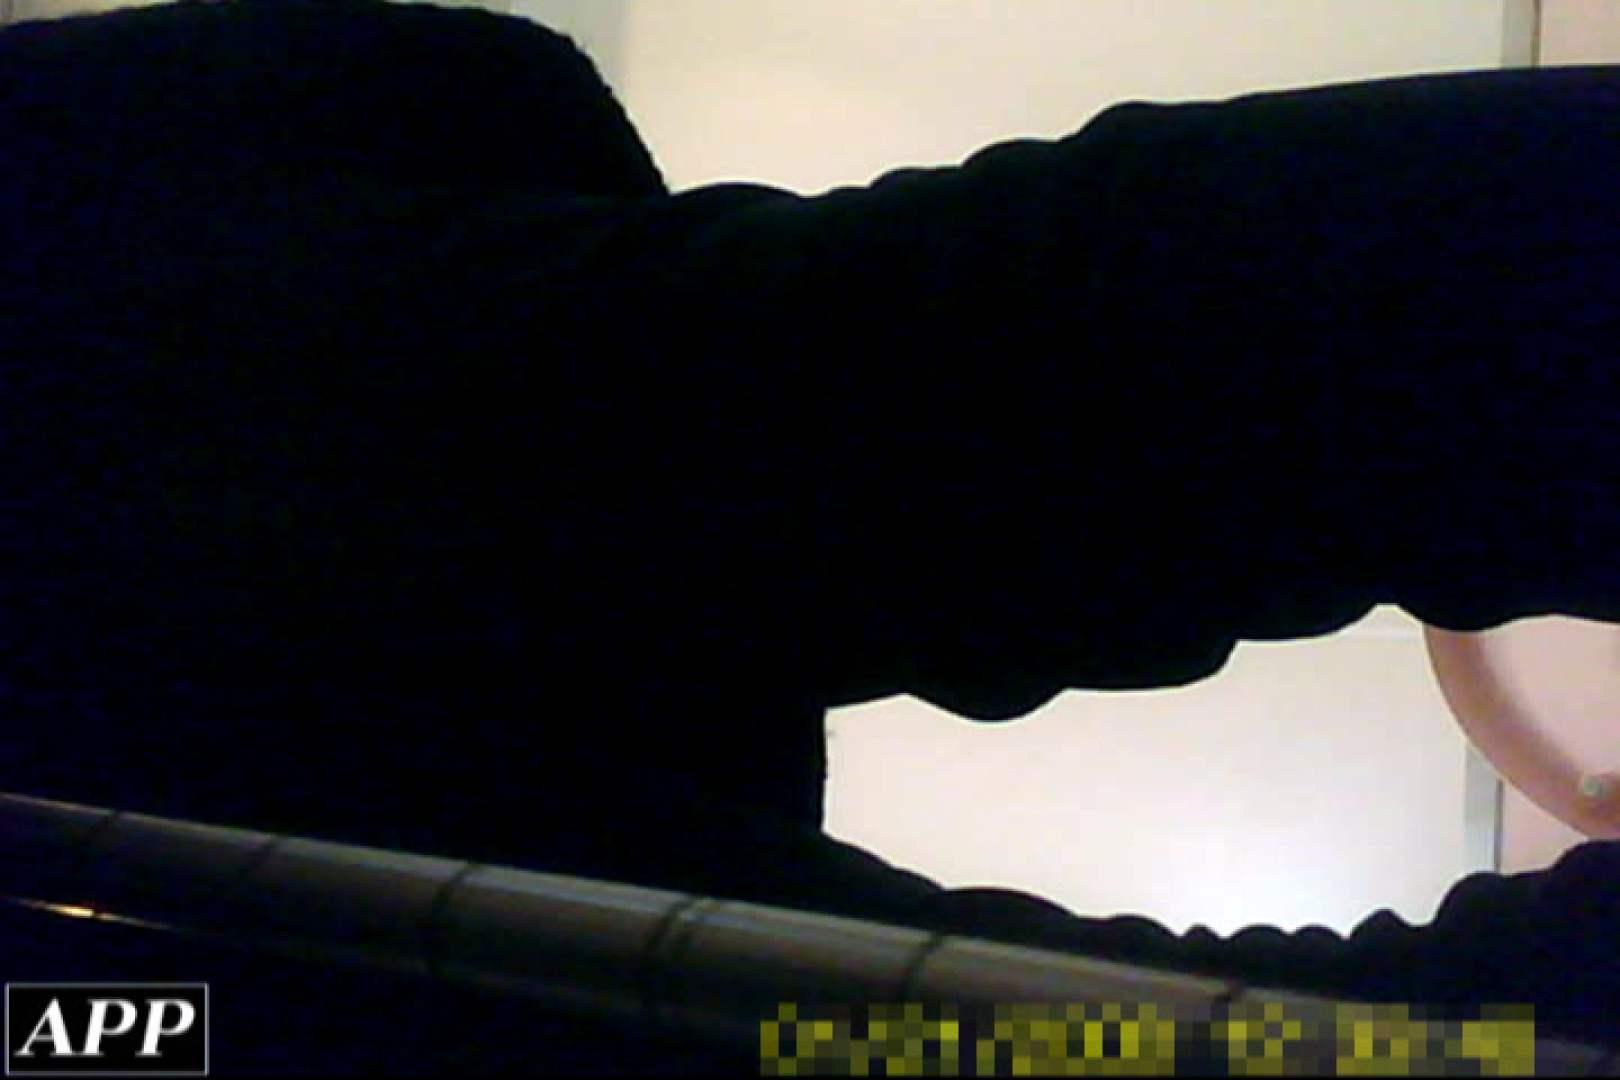 3視点洗面所 vol.70 洗面所突入 | マンコ・ムレムレ  75pic 55